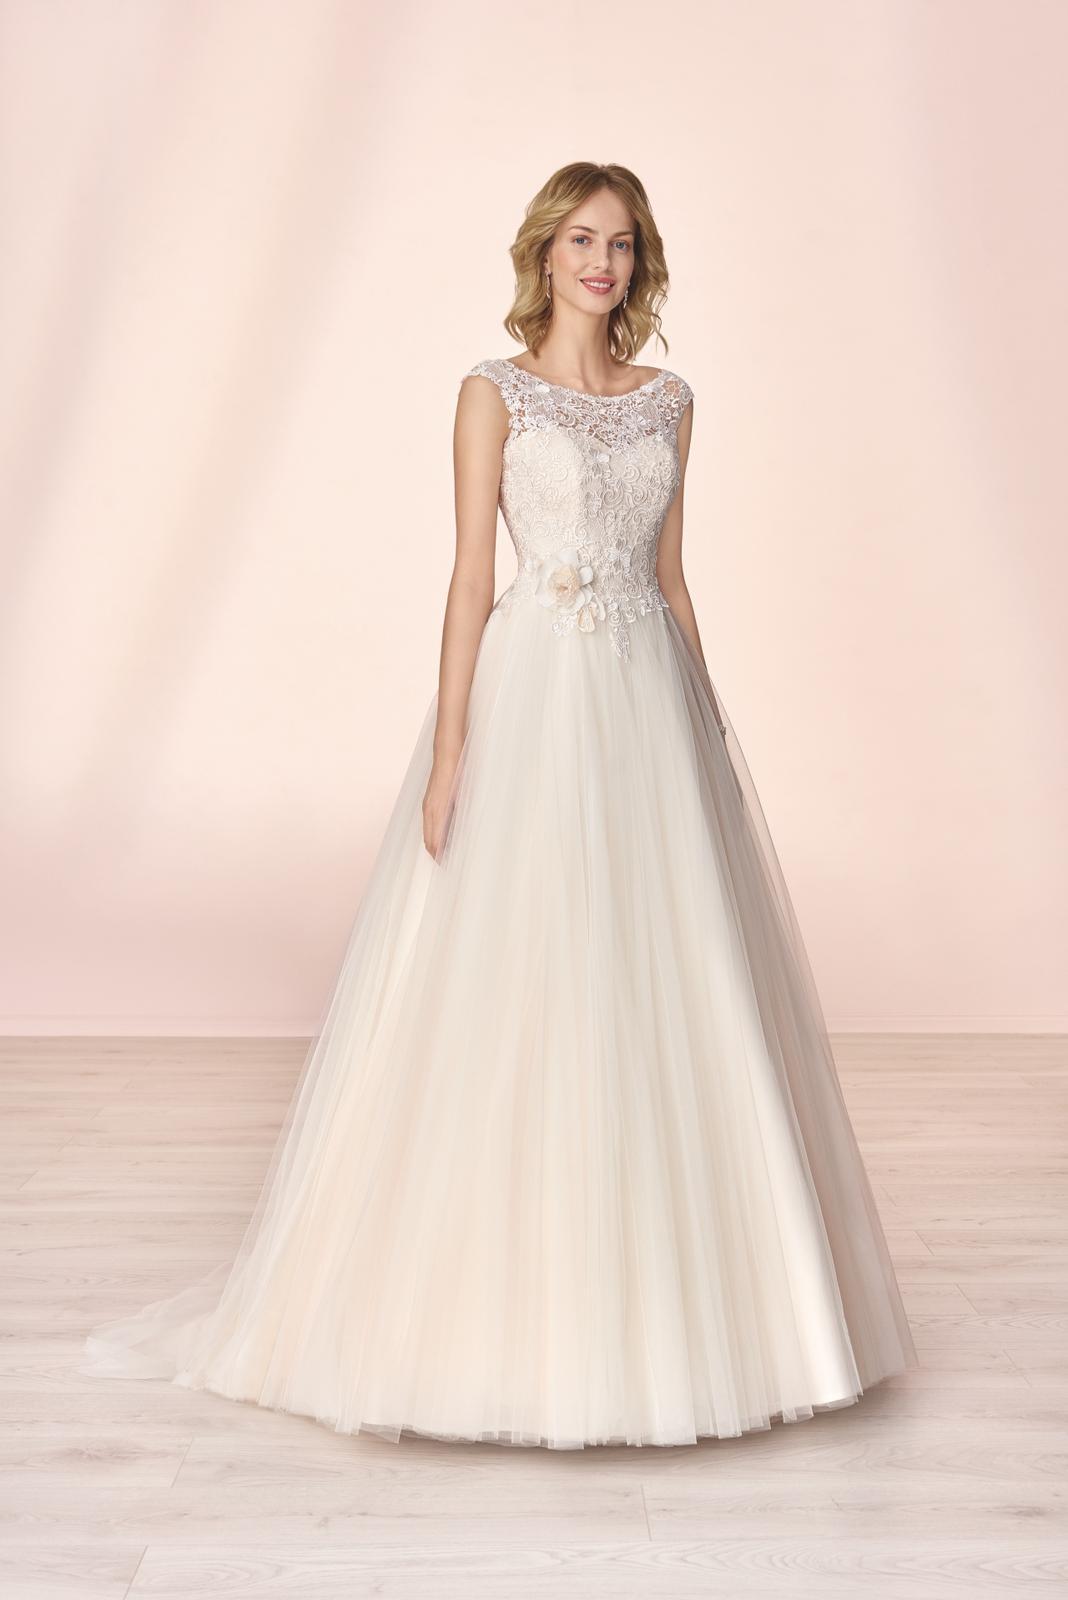 Nové svatební šaty zn. Elizabeth k vyzkoušení u nás v salonu. - Obrázek č. 1